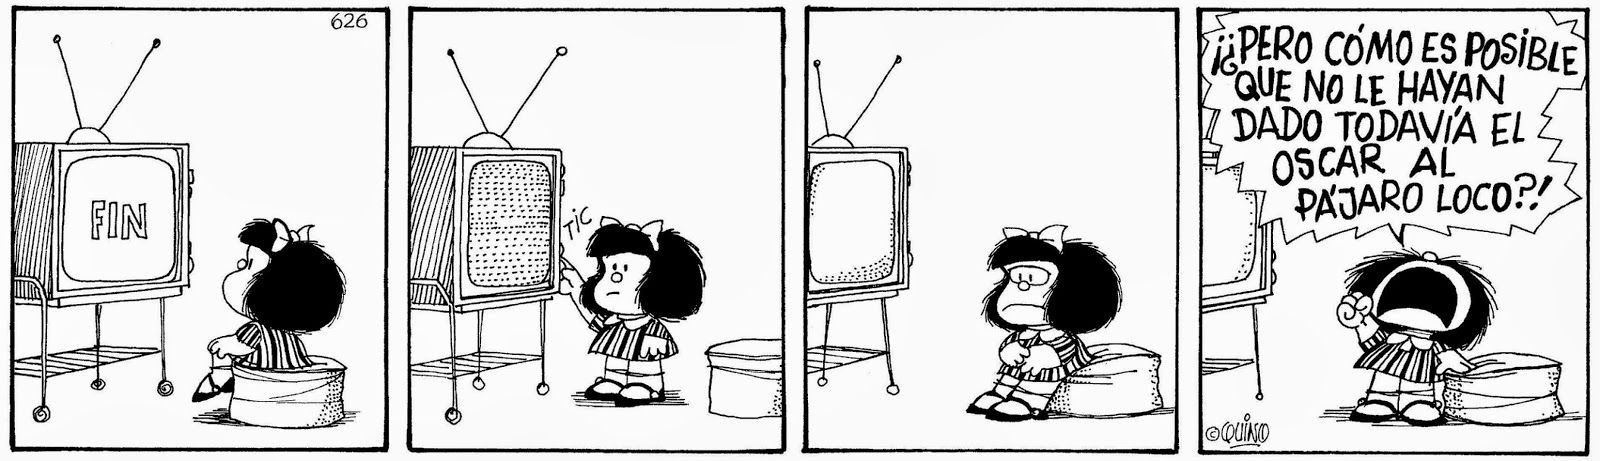 Resultado de imagen para mafalda pajaro loco